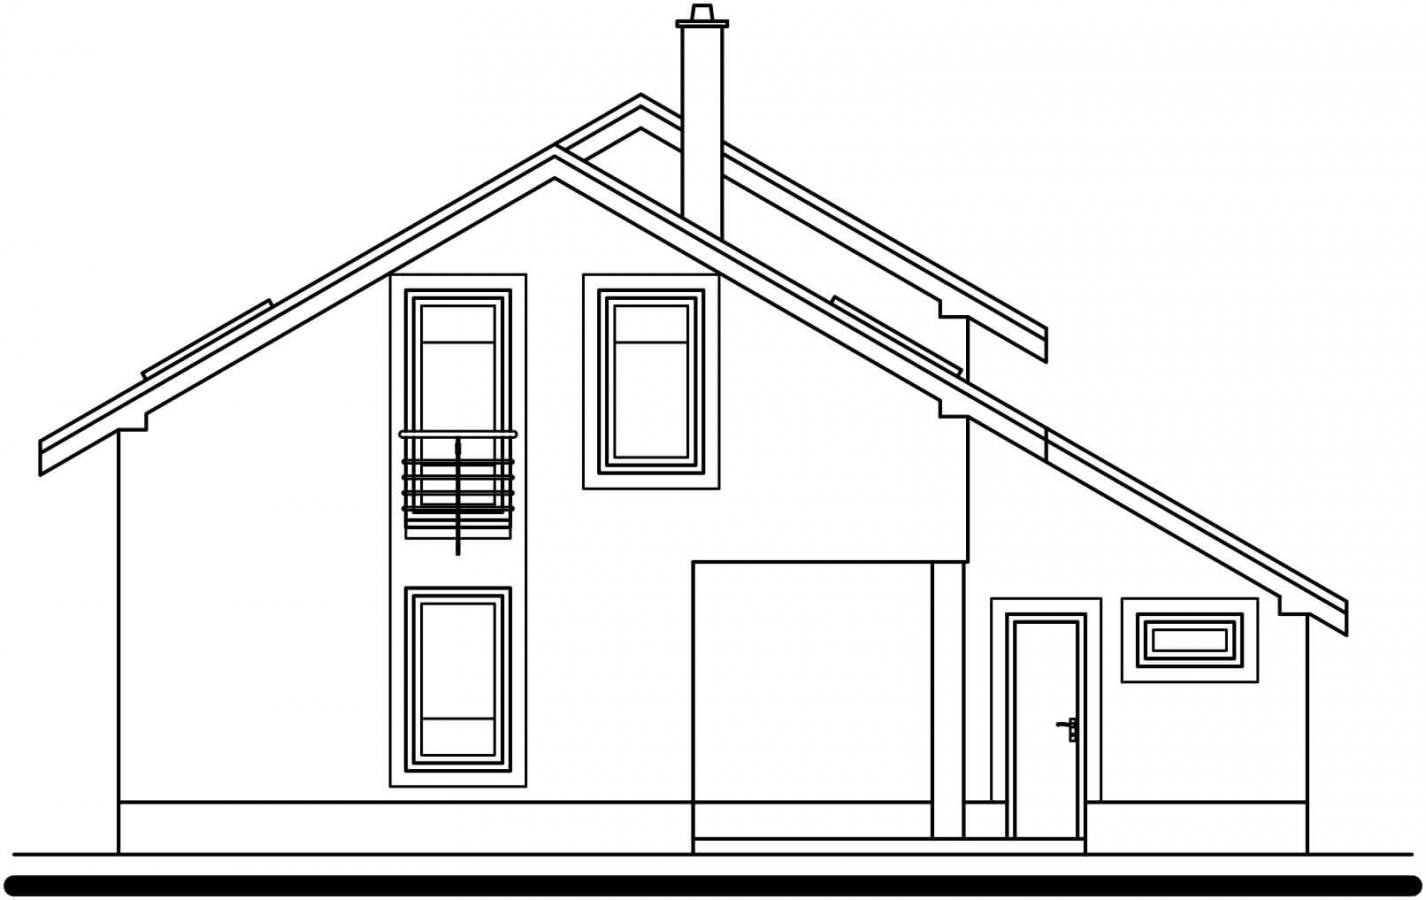 Pohľad 3. - Poschodový rodinný dom s garážou.